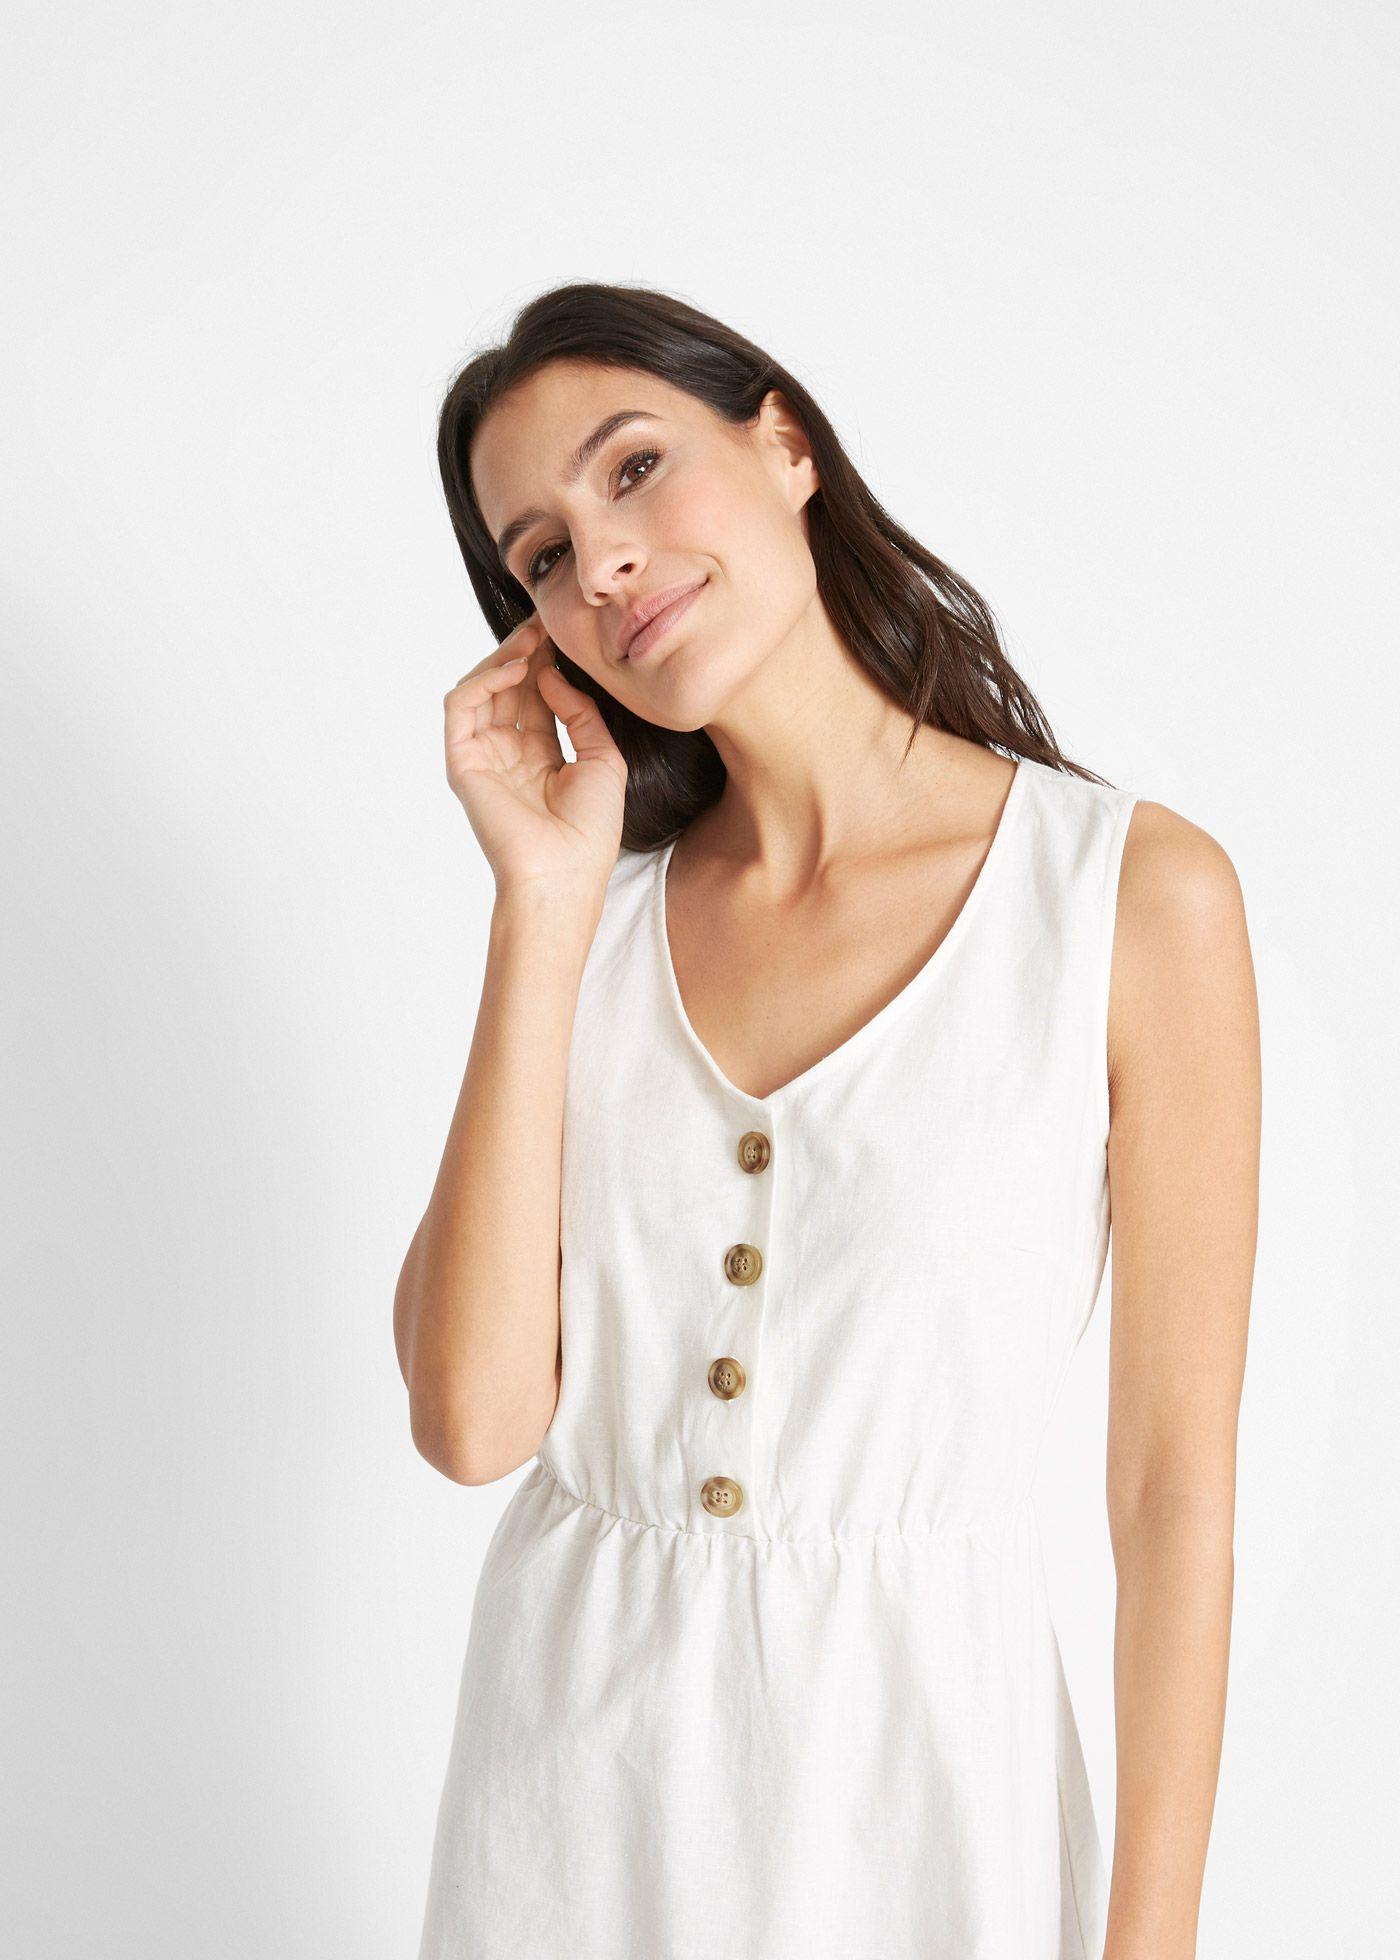 Locker Fallendes Leinenkleid Mit Funktionaler Knopfleiste Und Seitenschlitzen Leinenkleid Kleider Kleidung